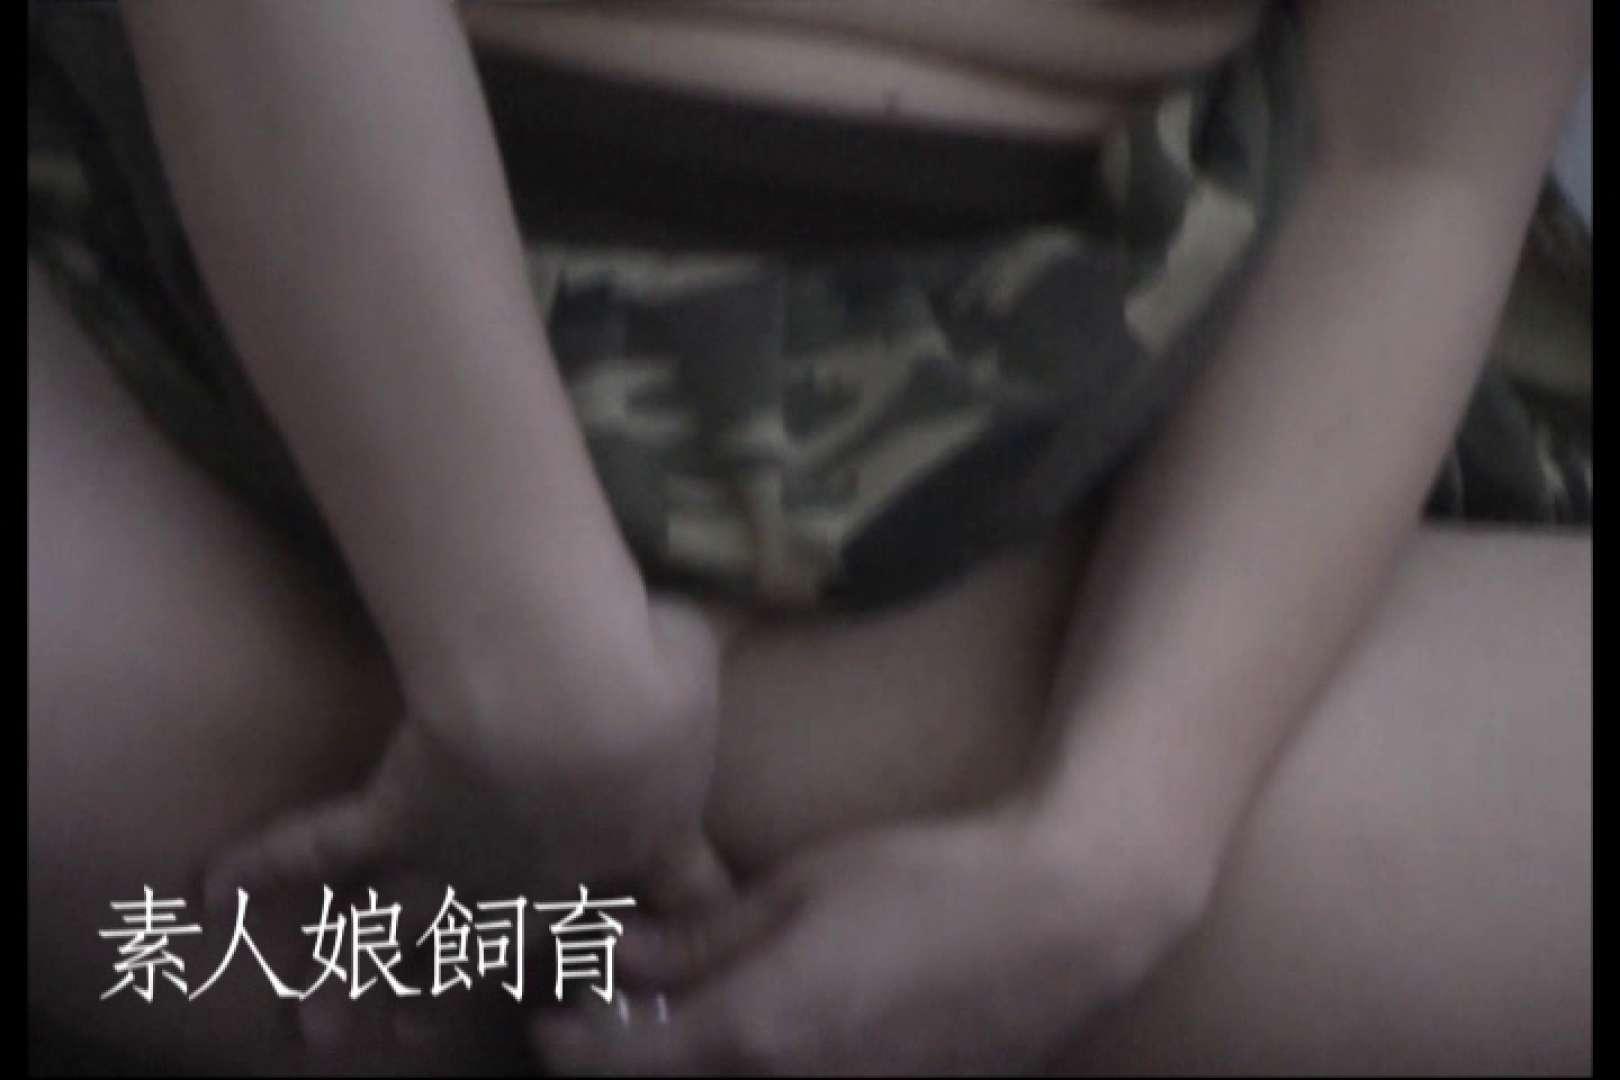 素人嬢飼育~お前の餌は他人棒~6月17日野外露出 野外 オメコ動画キャプチャ 81枚 26